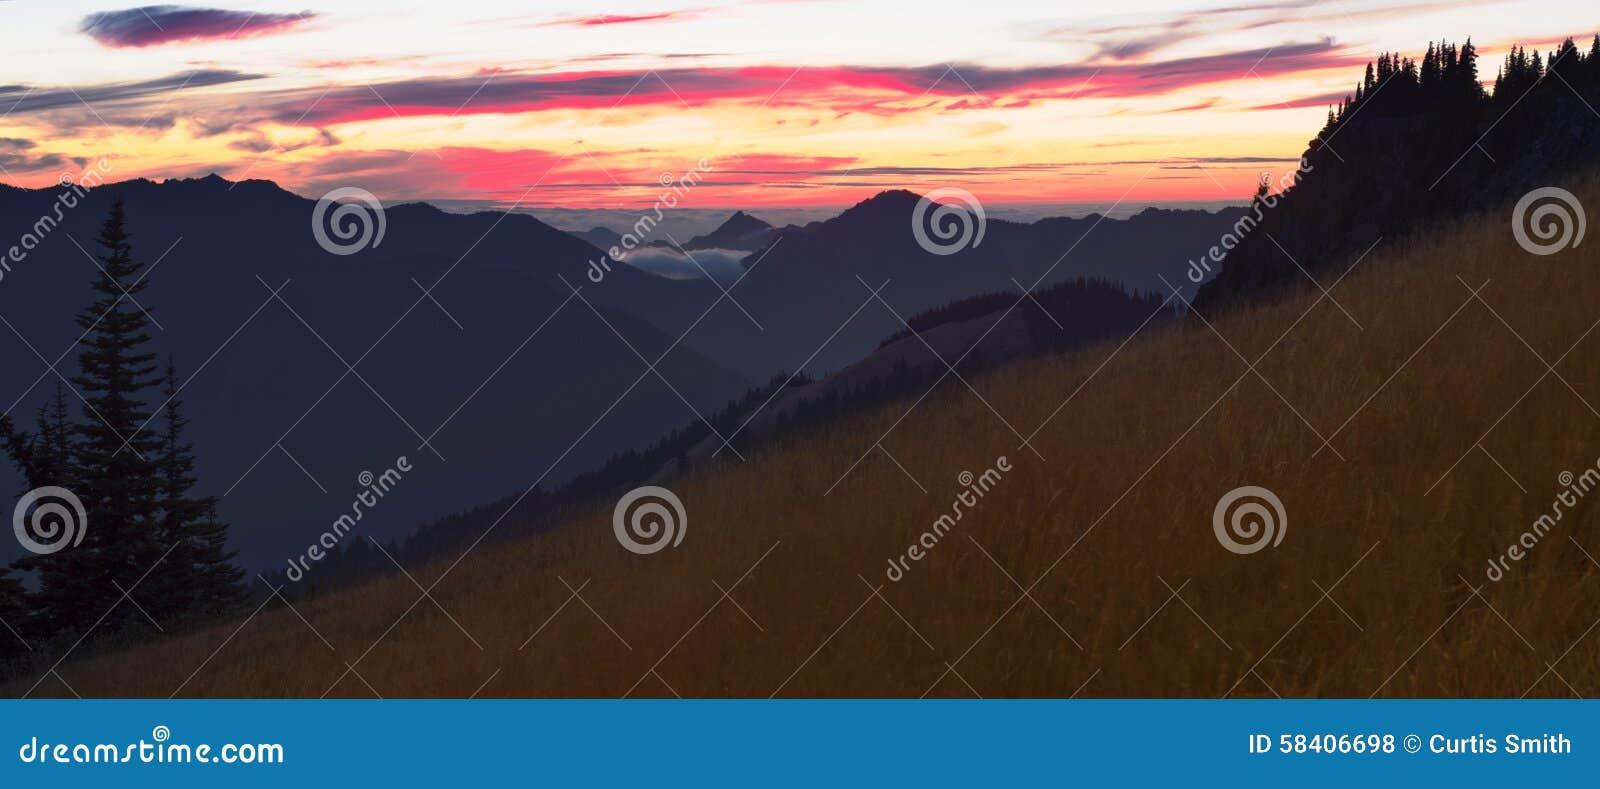 Панорама захода солнца от холма урагана в олимпийском национальном парке, штате Вашингтоне